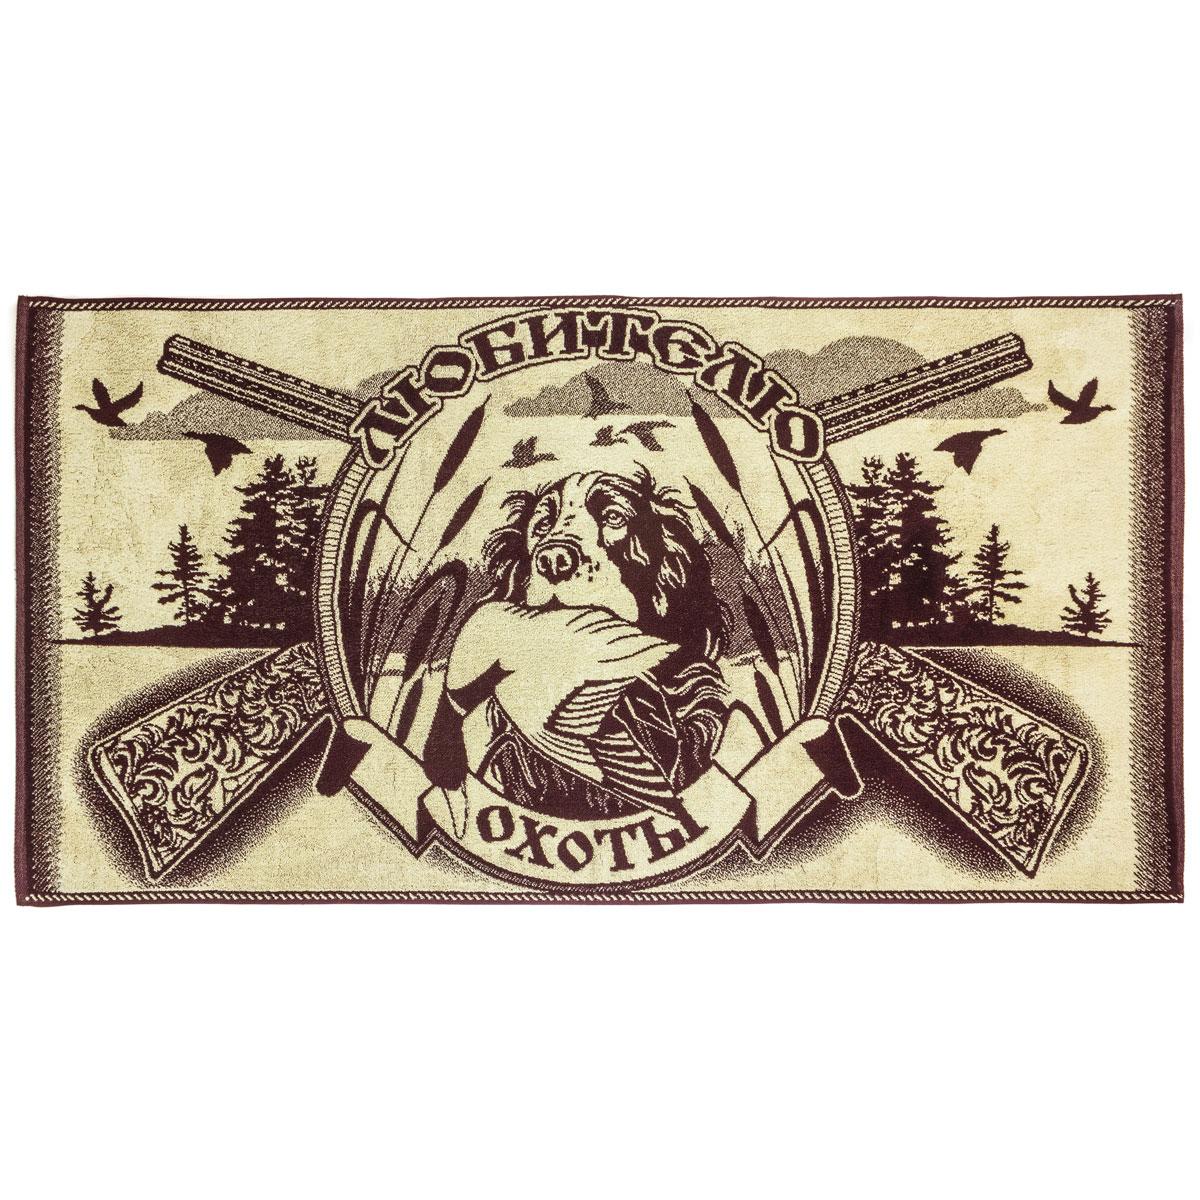 Полотенце  Авангард  р. 70х140 - Текстиль для дома артикул: 29866